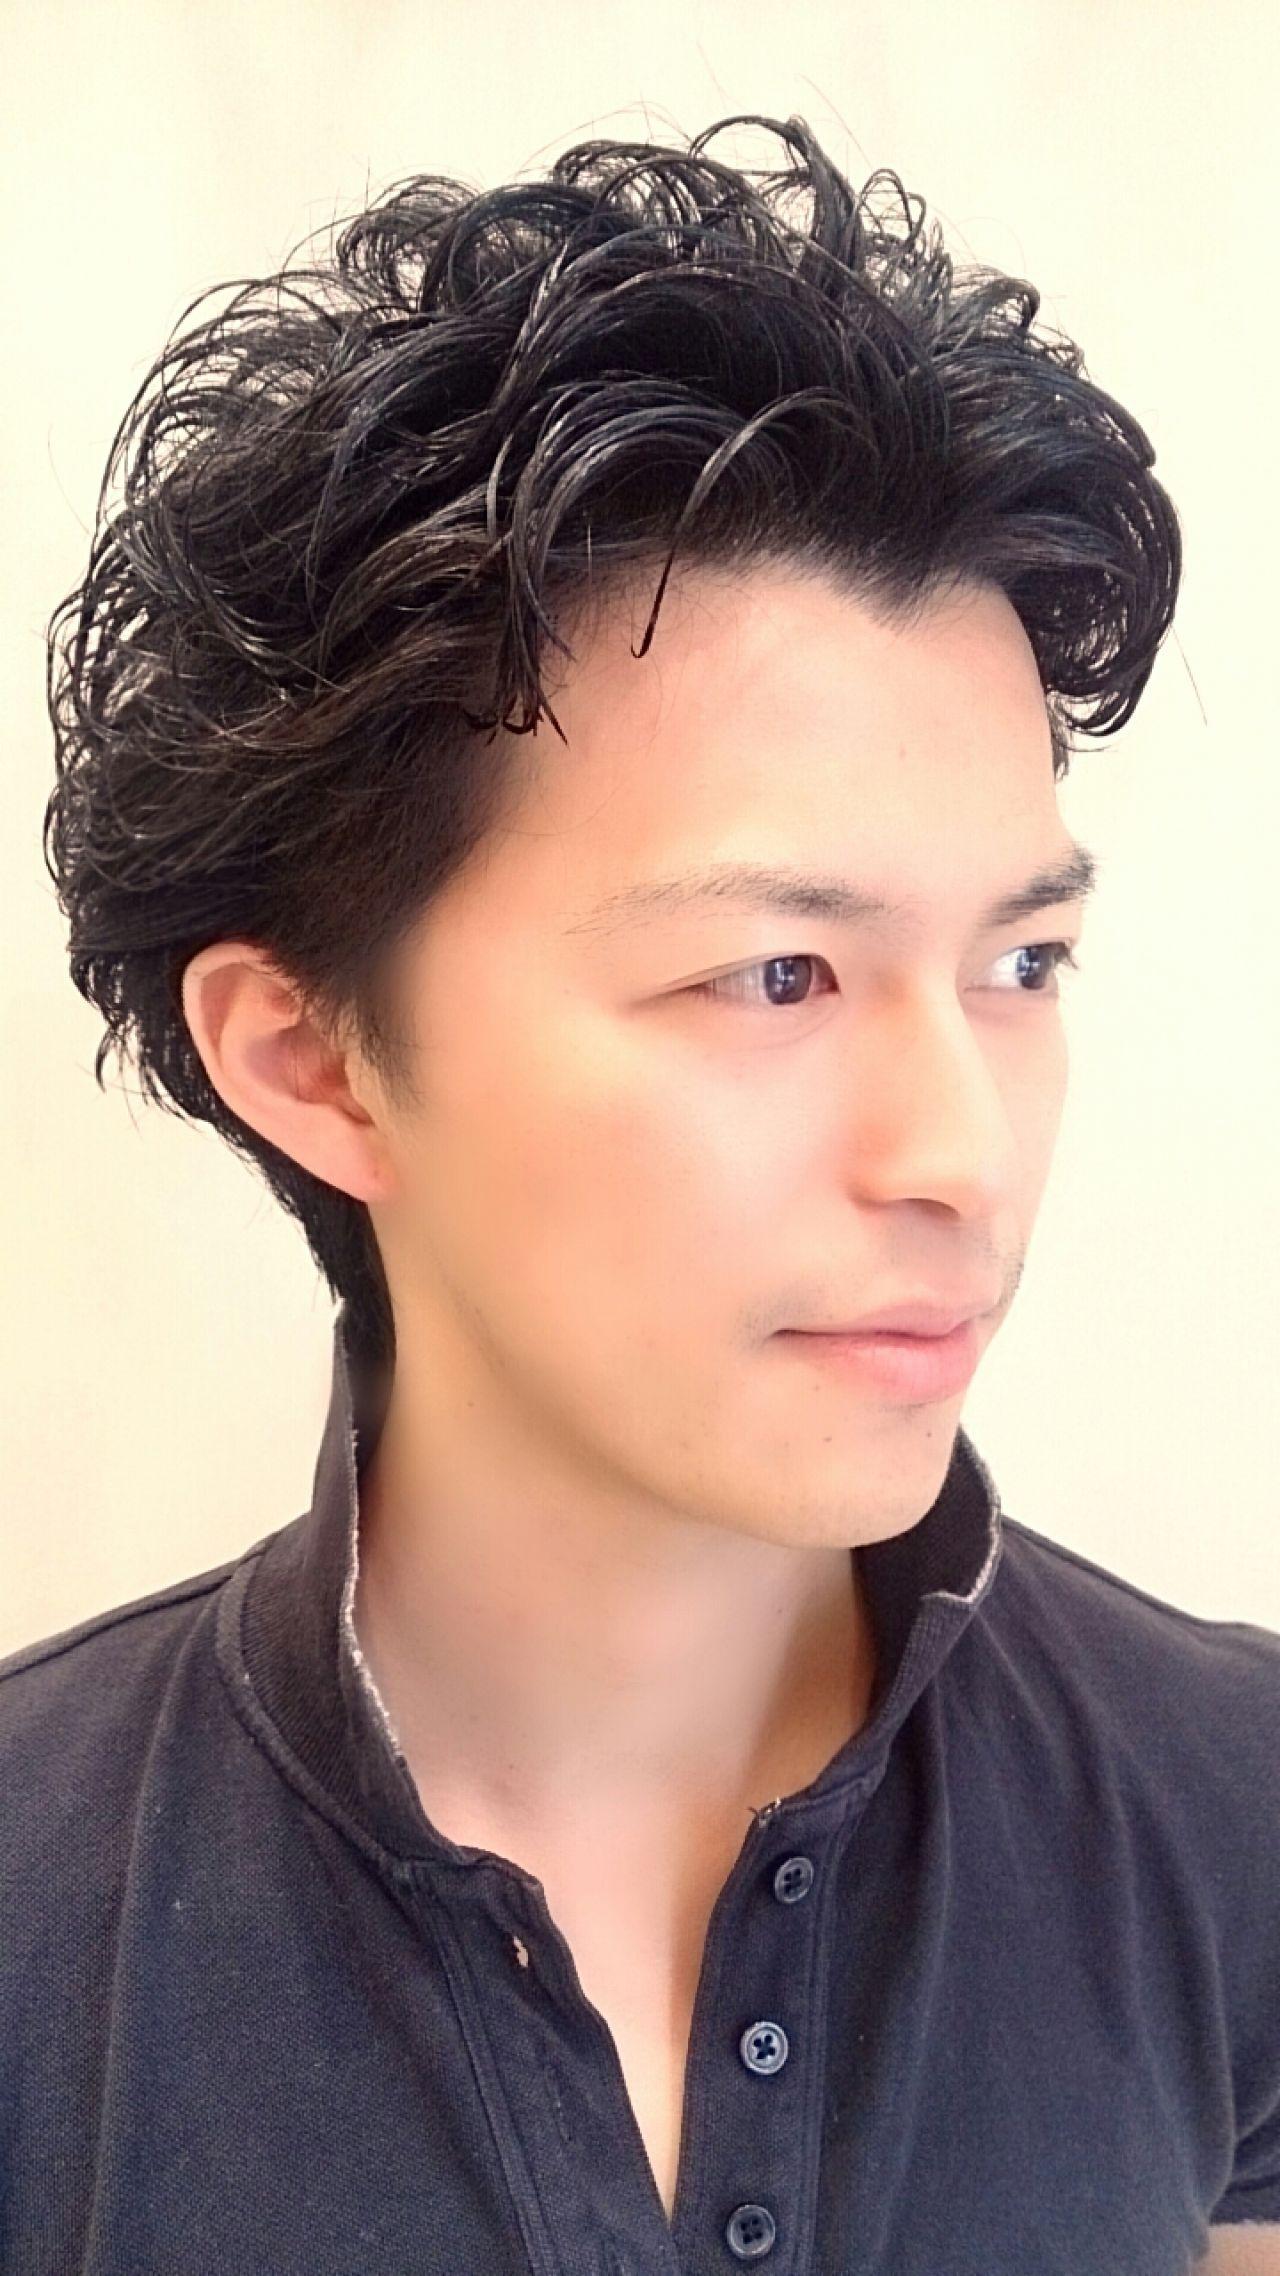 カレがもーっとイケメンに♡彼氏にしてほしいメンズヘアスタイルはこれだ! 横徳憲史